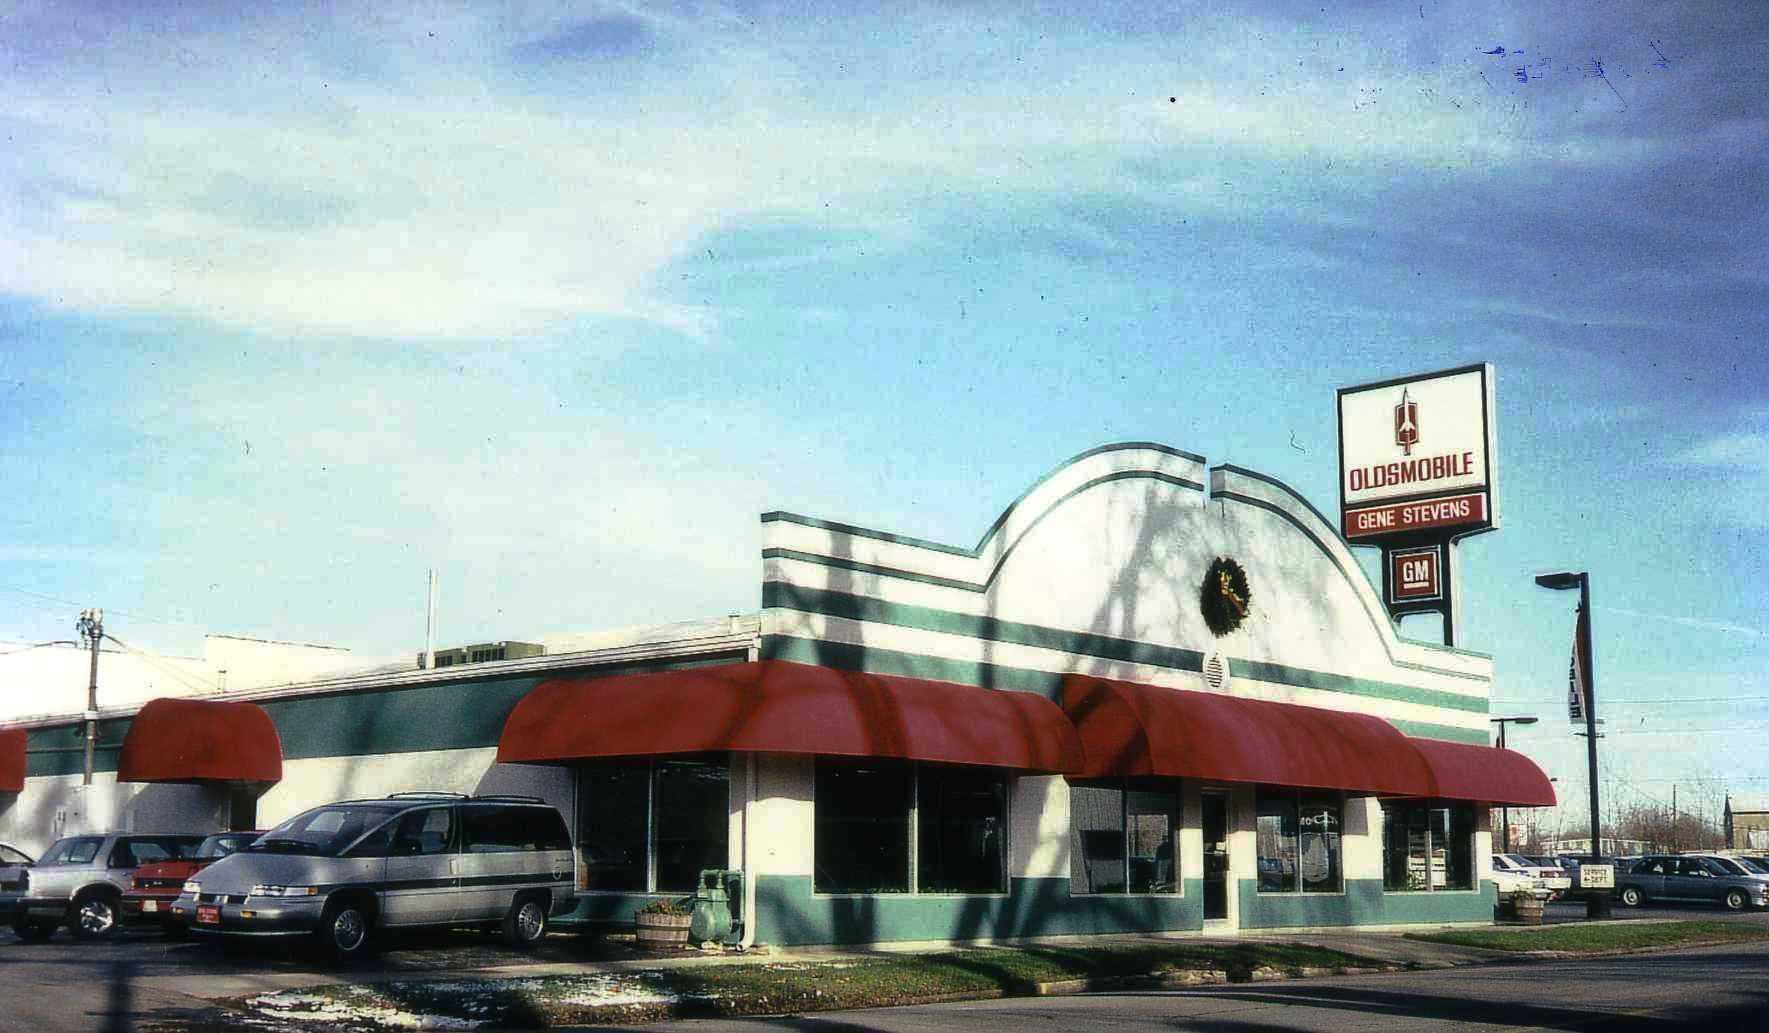 1990 Stevens Olds Renovation.jpg